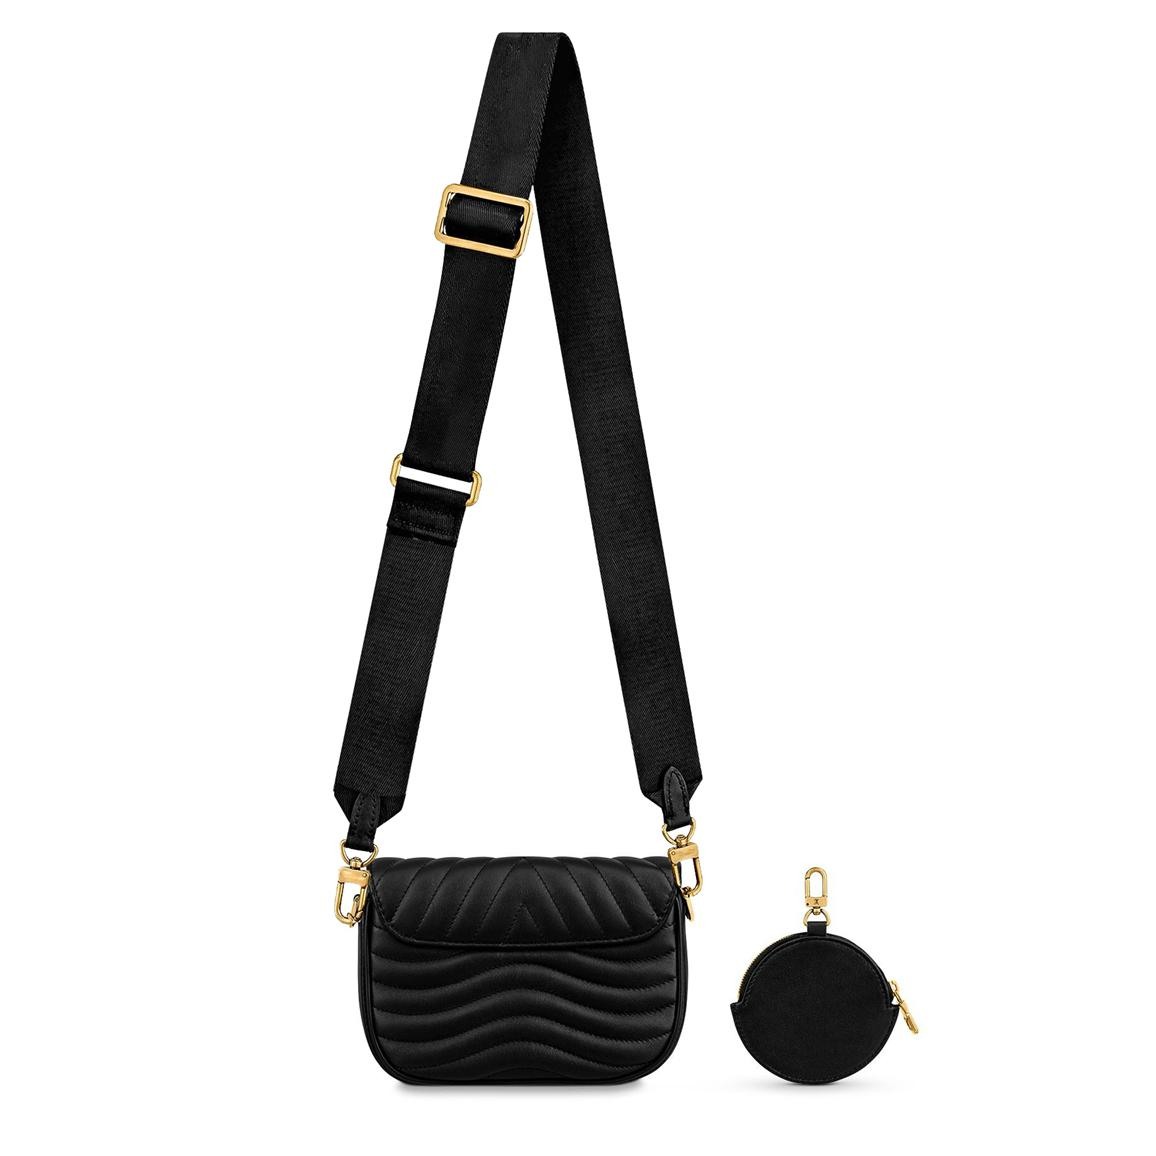 حقائب الكتف حقيبة اليد النسائية حقائب اليد، وحمل حقيبة يد حقيبة CROSSBODY المحافظ حقائب جلدية الفاصل حقيبة المحفظة أزياء Fannypack 968547